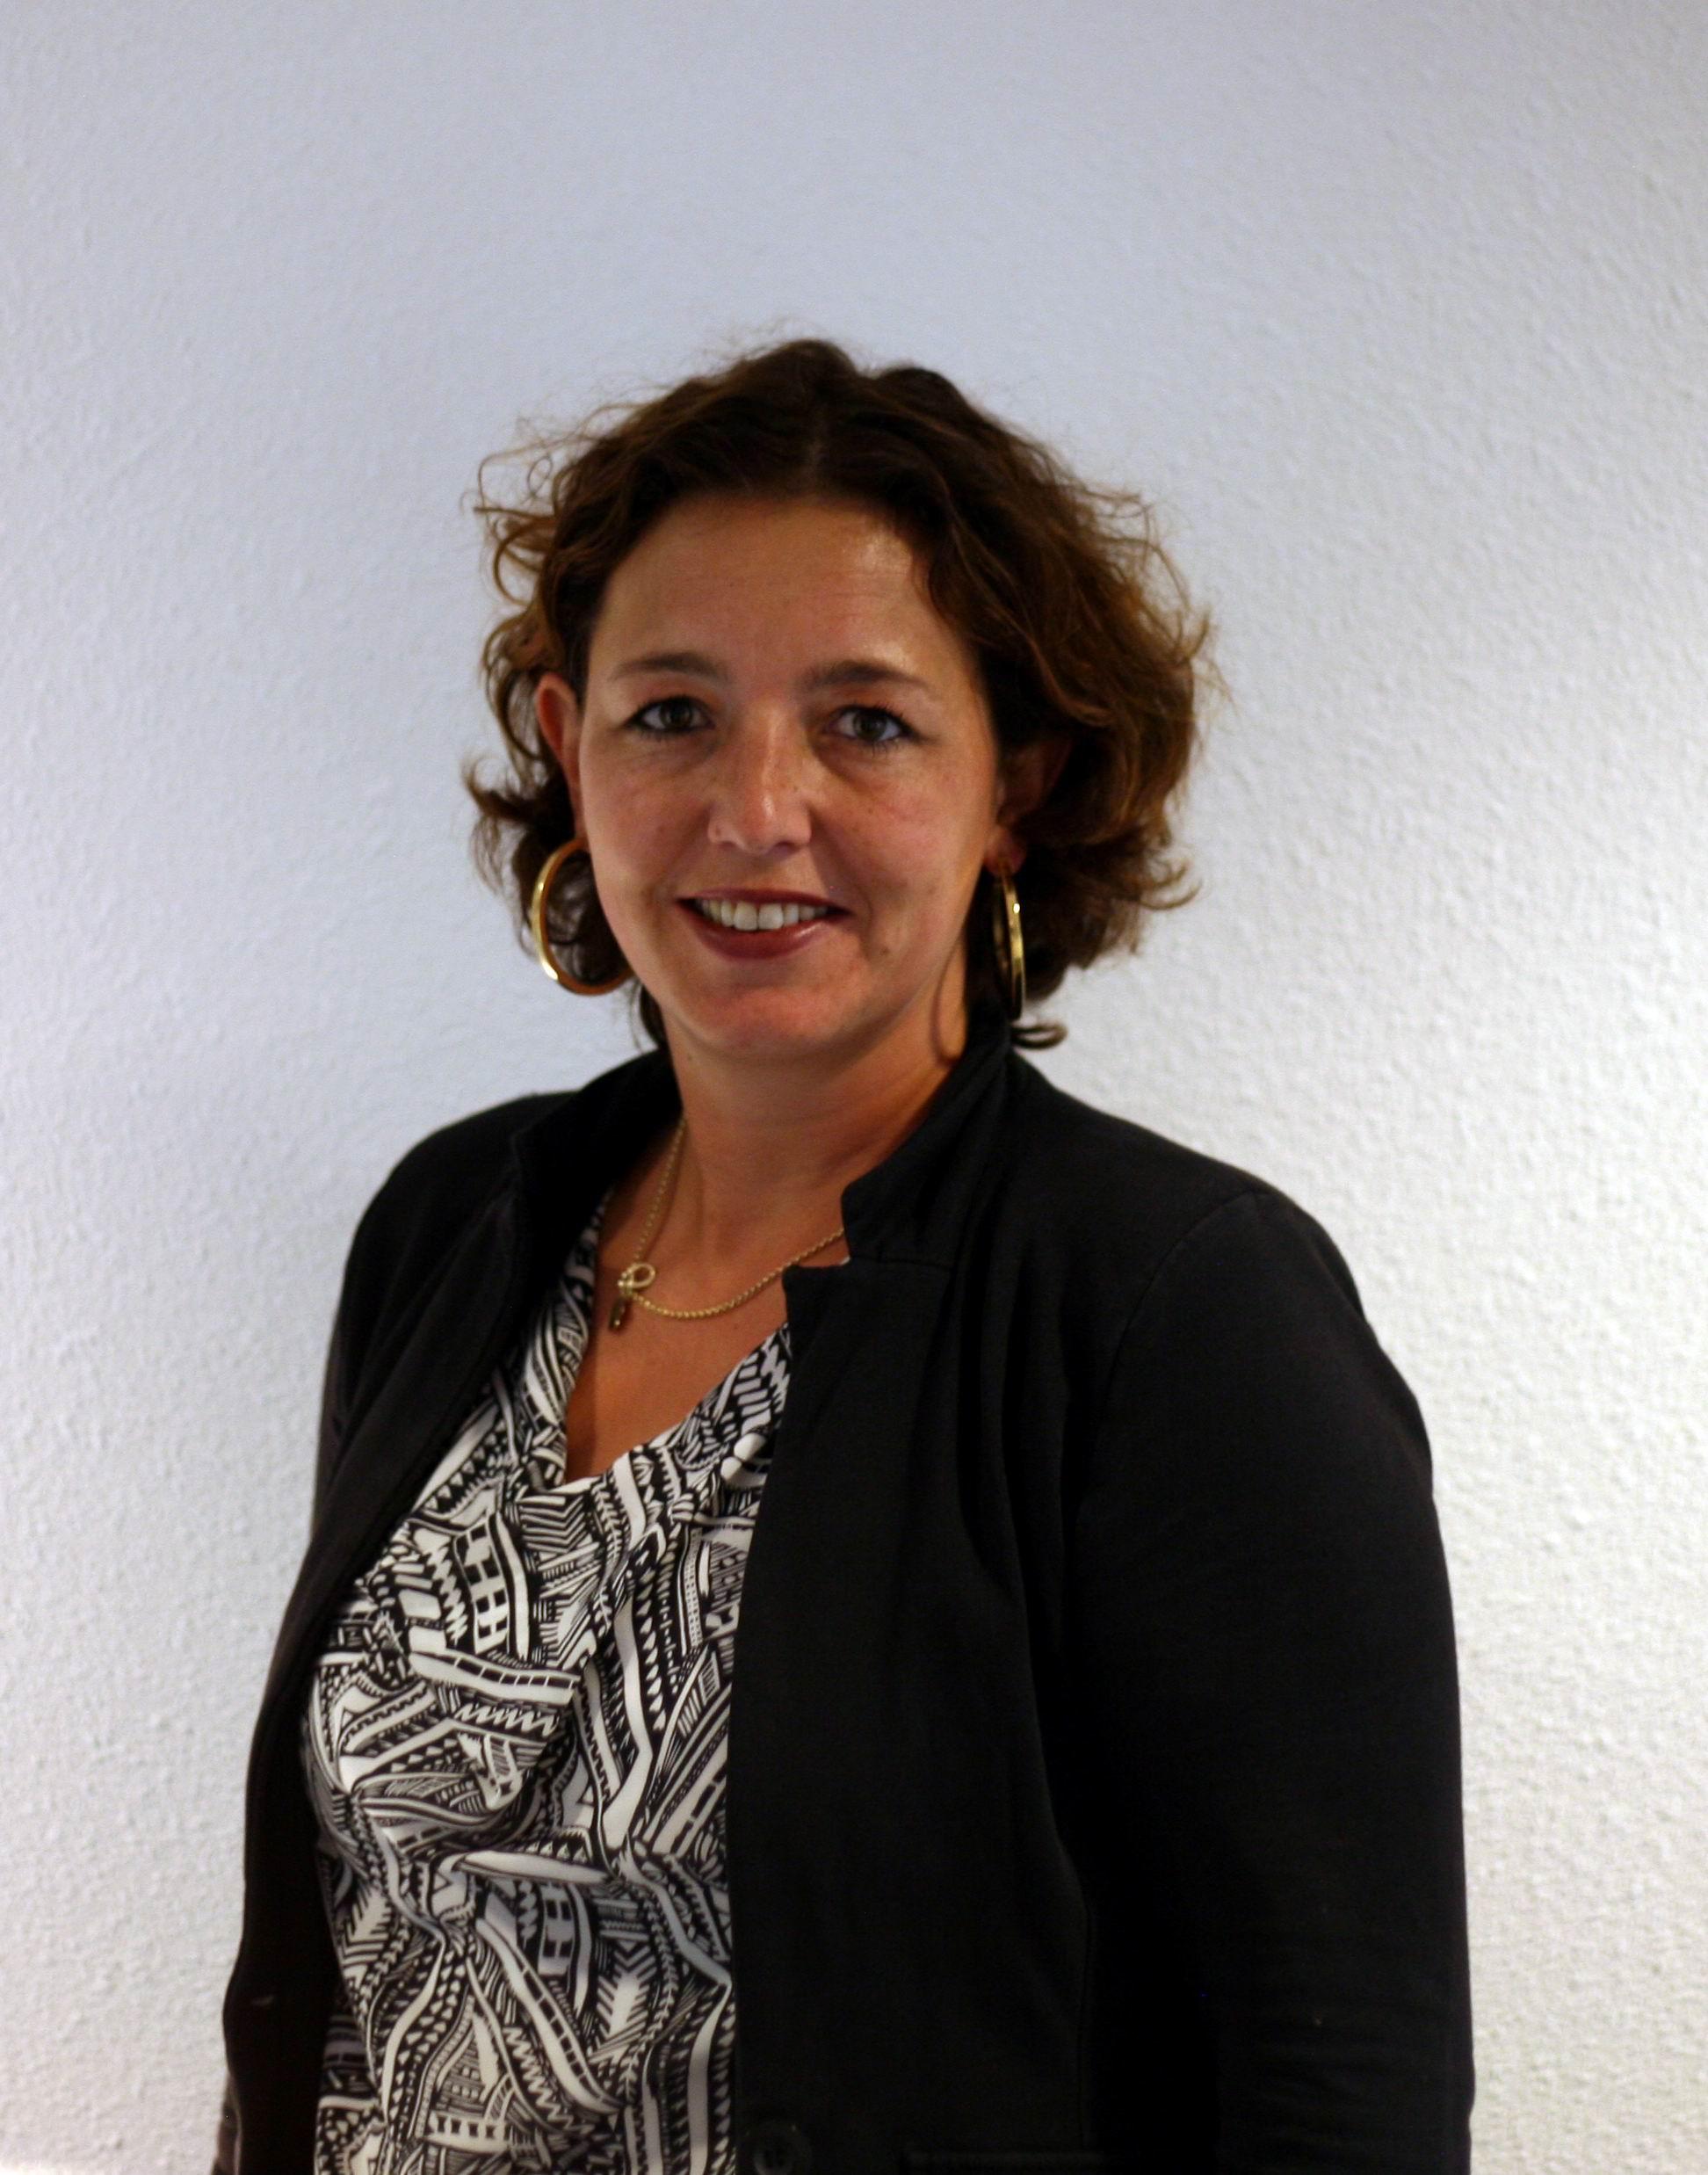 Jettie van der Mey